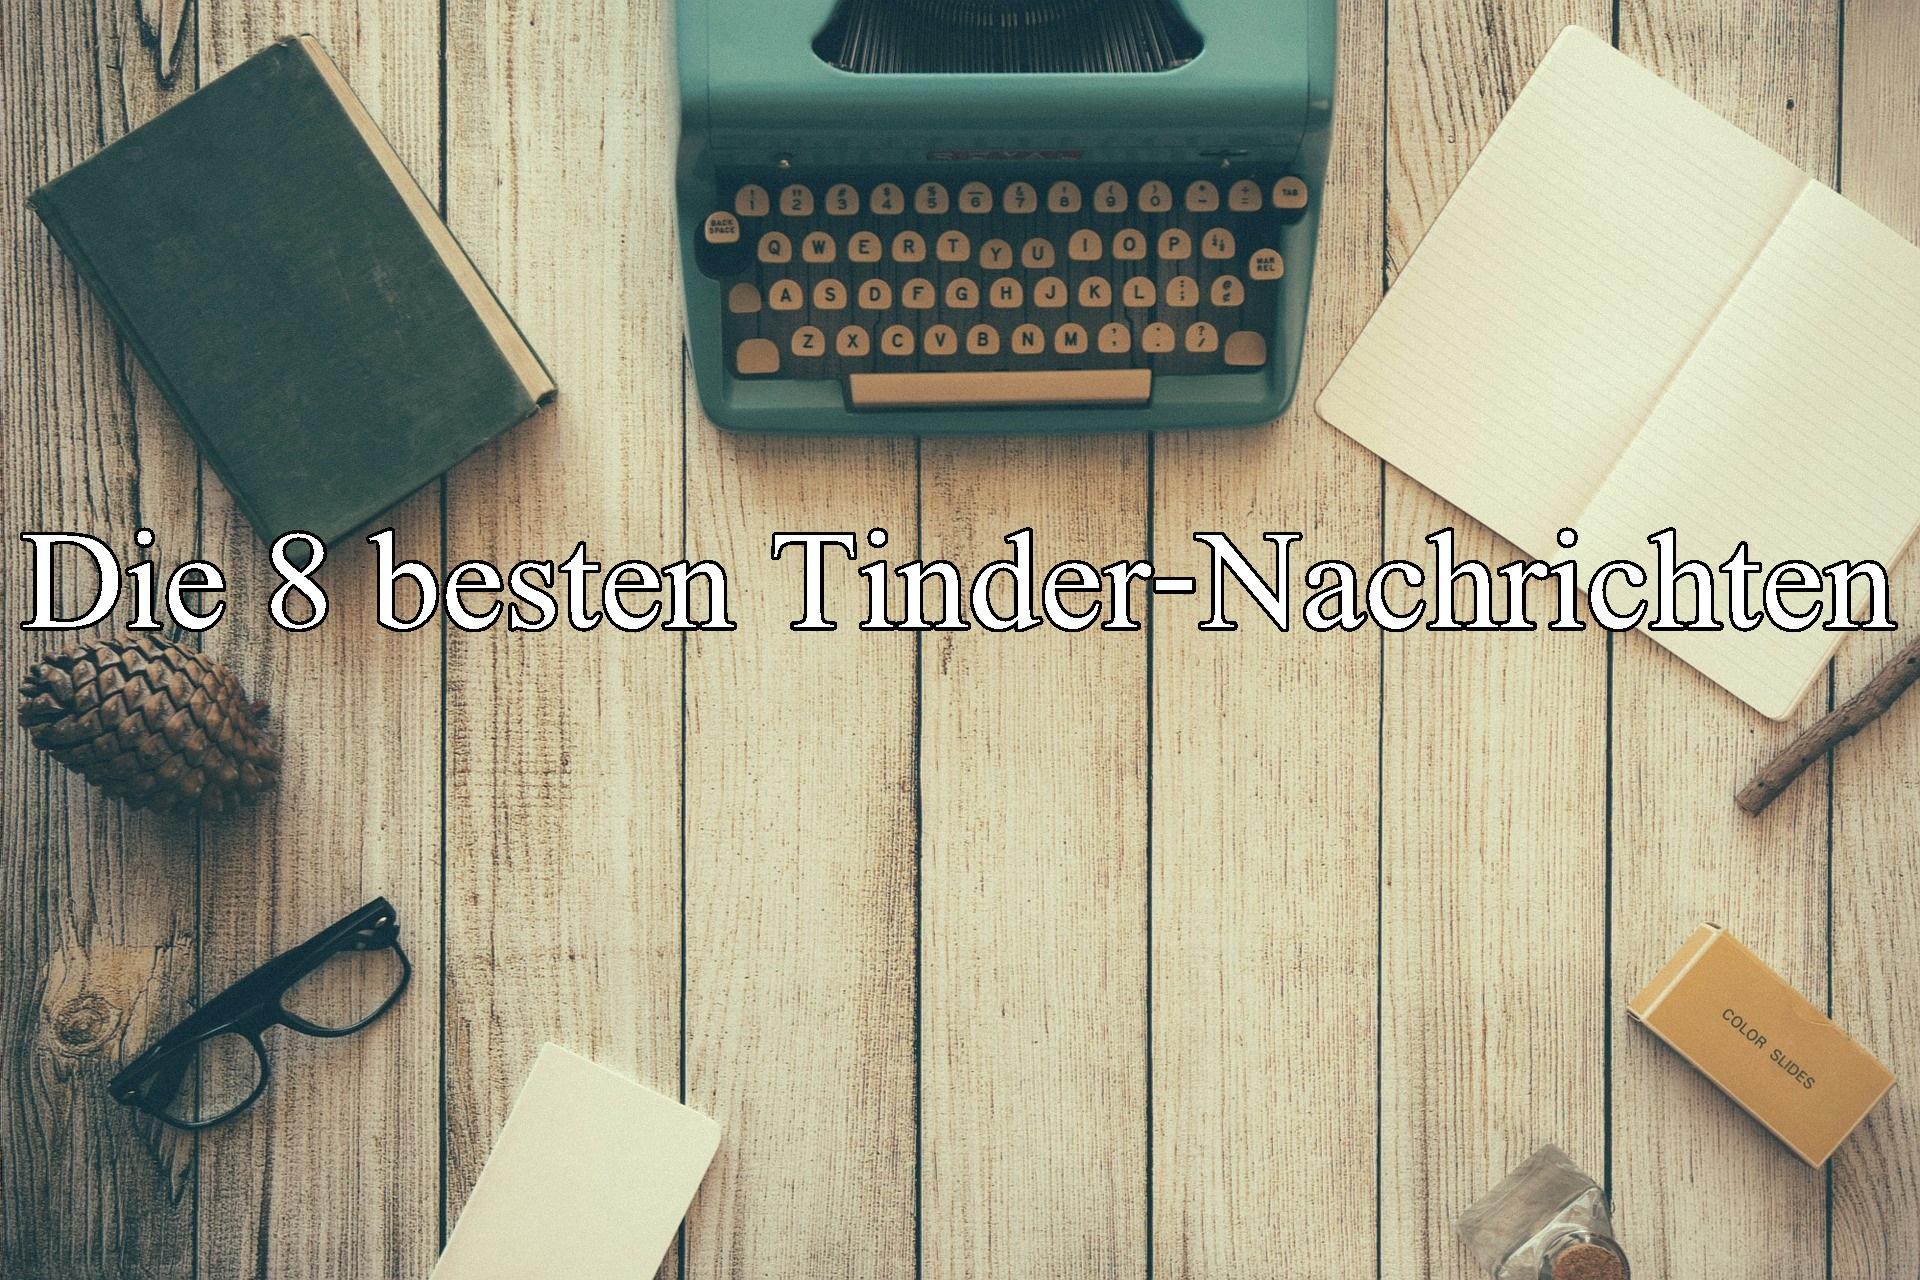 Die 8 besten Tinder-Nachrichten